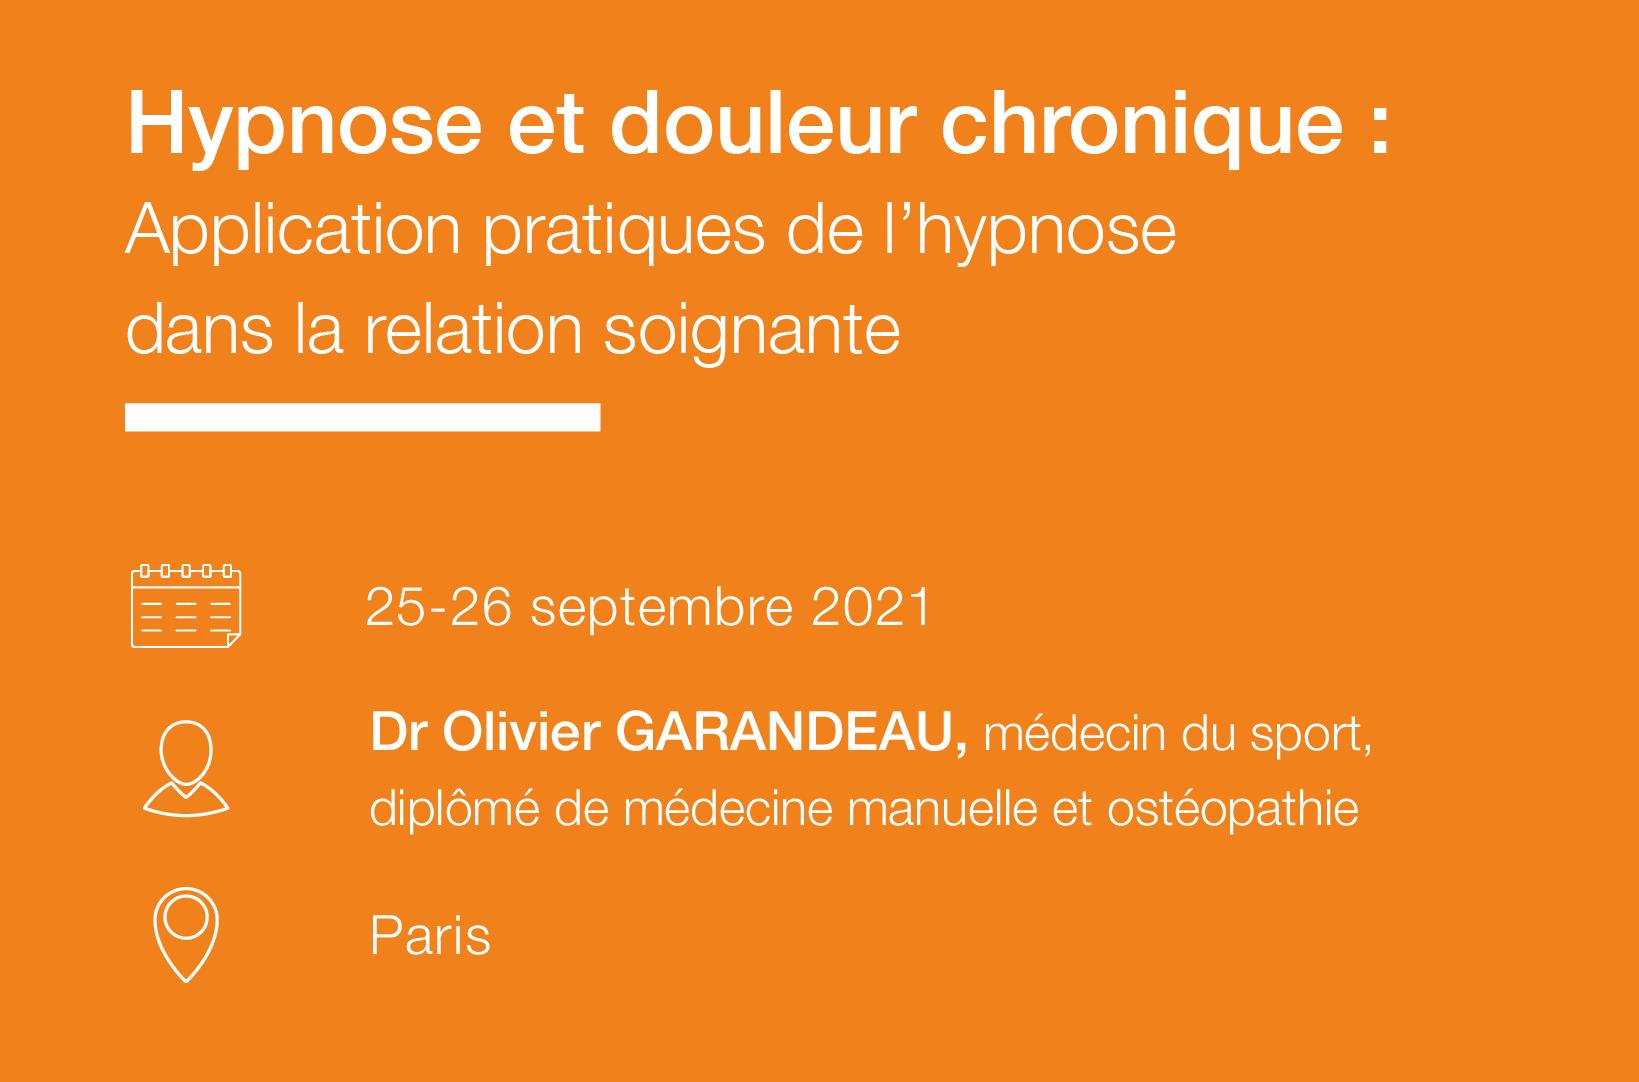 Hypnose et Douleur chronique - Application pratiques de l hypnose dans la relation soignante-IFH